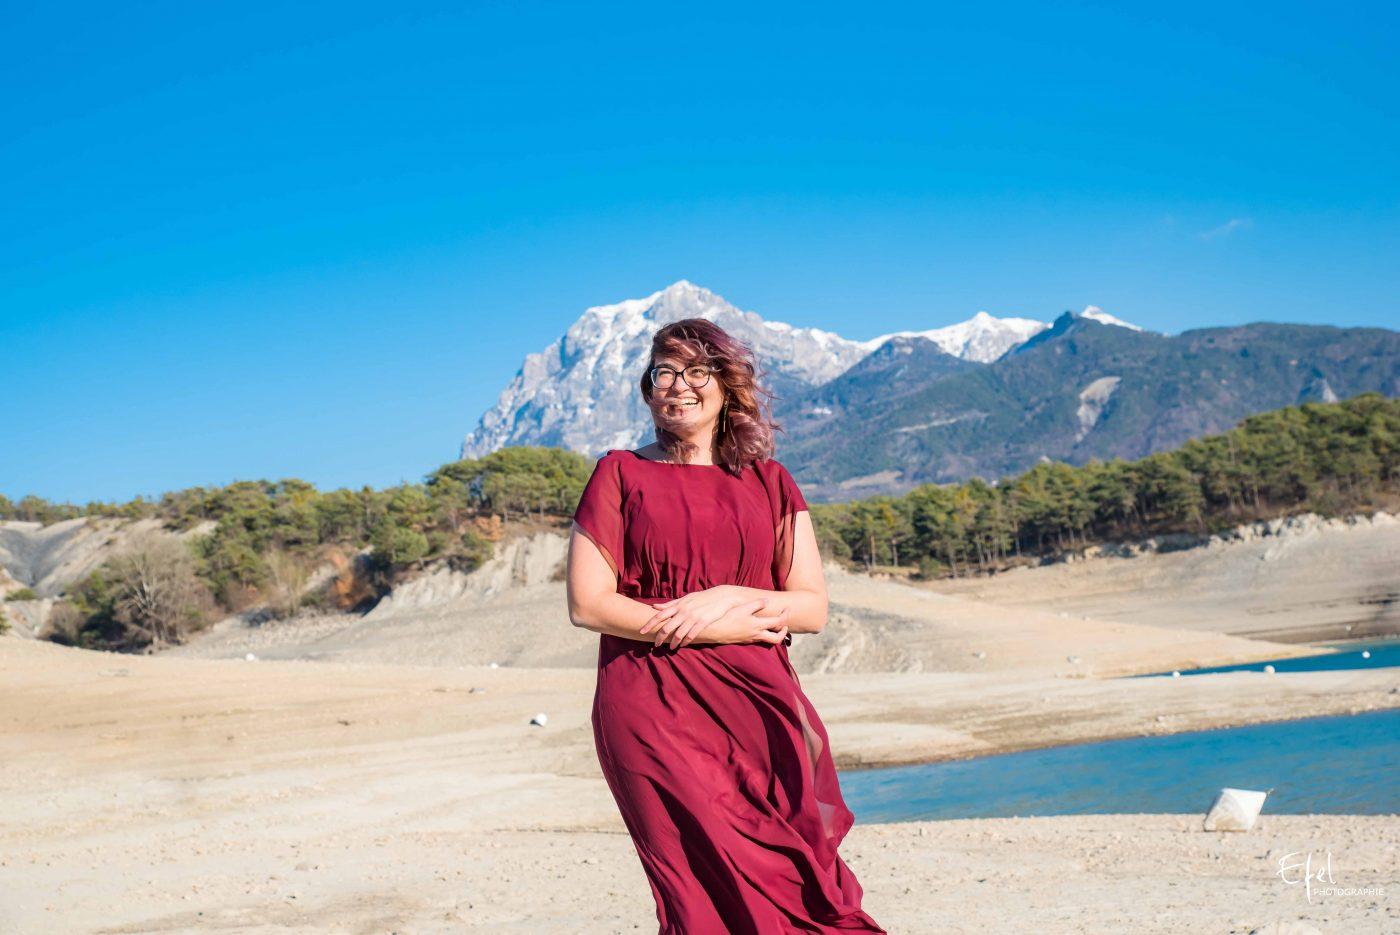 portrait mariage en montagne photographe chorges